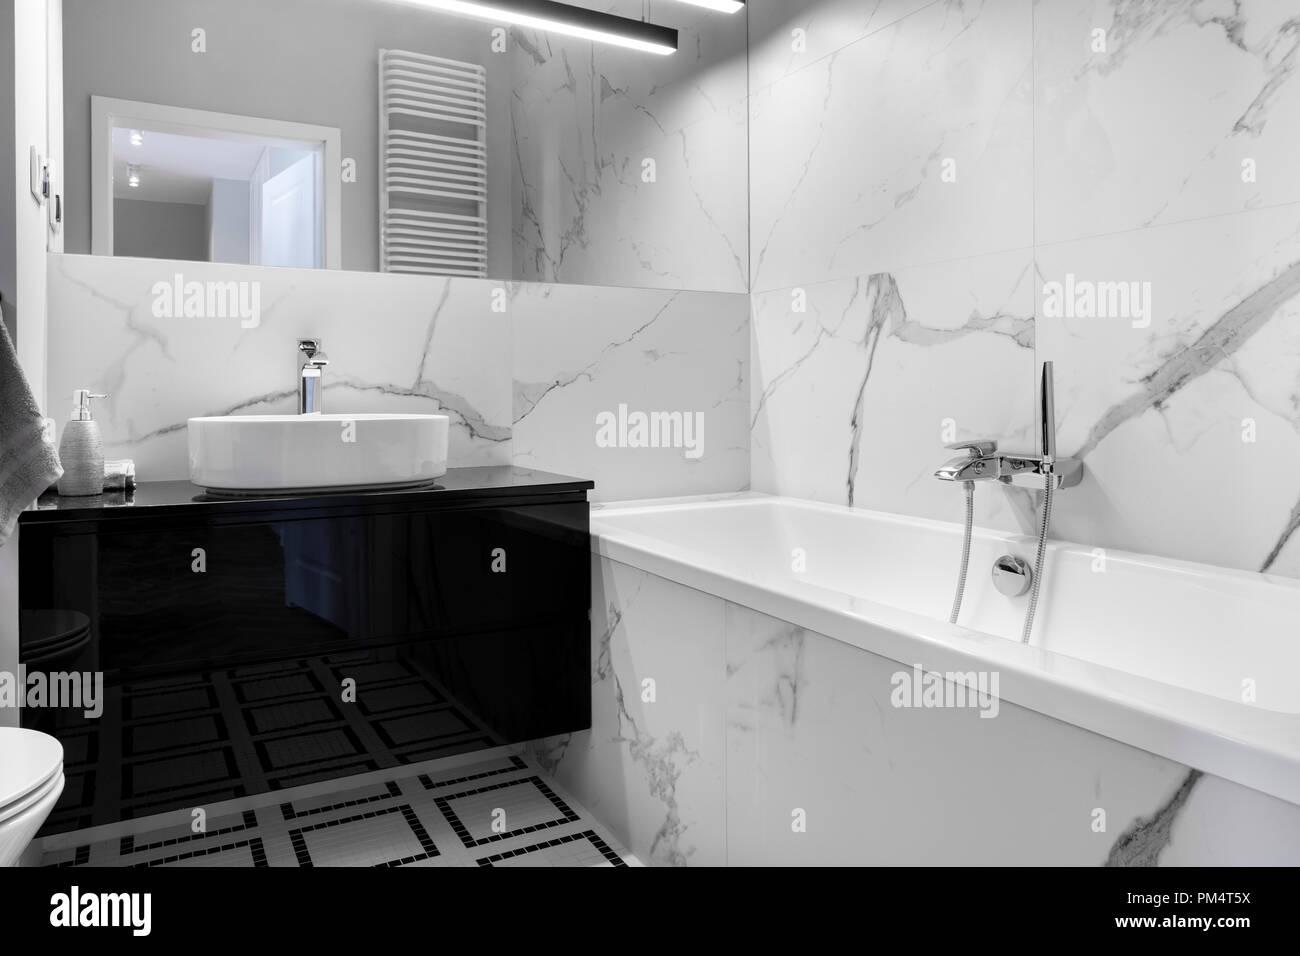 Moderno cuarto de baño con acabados de mármol en blanco y negro ...